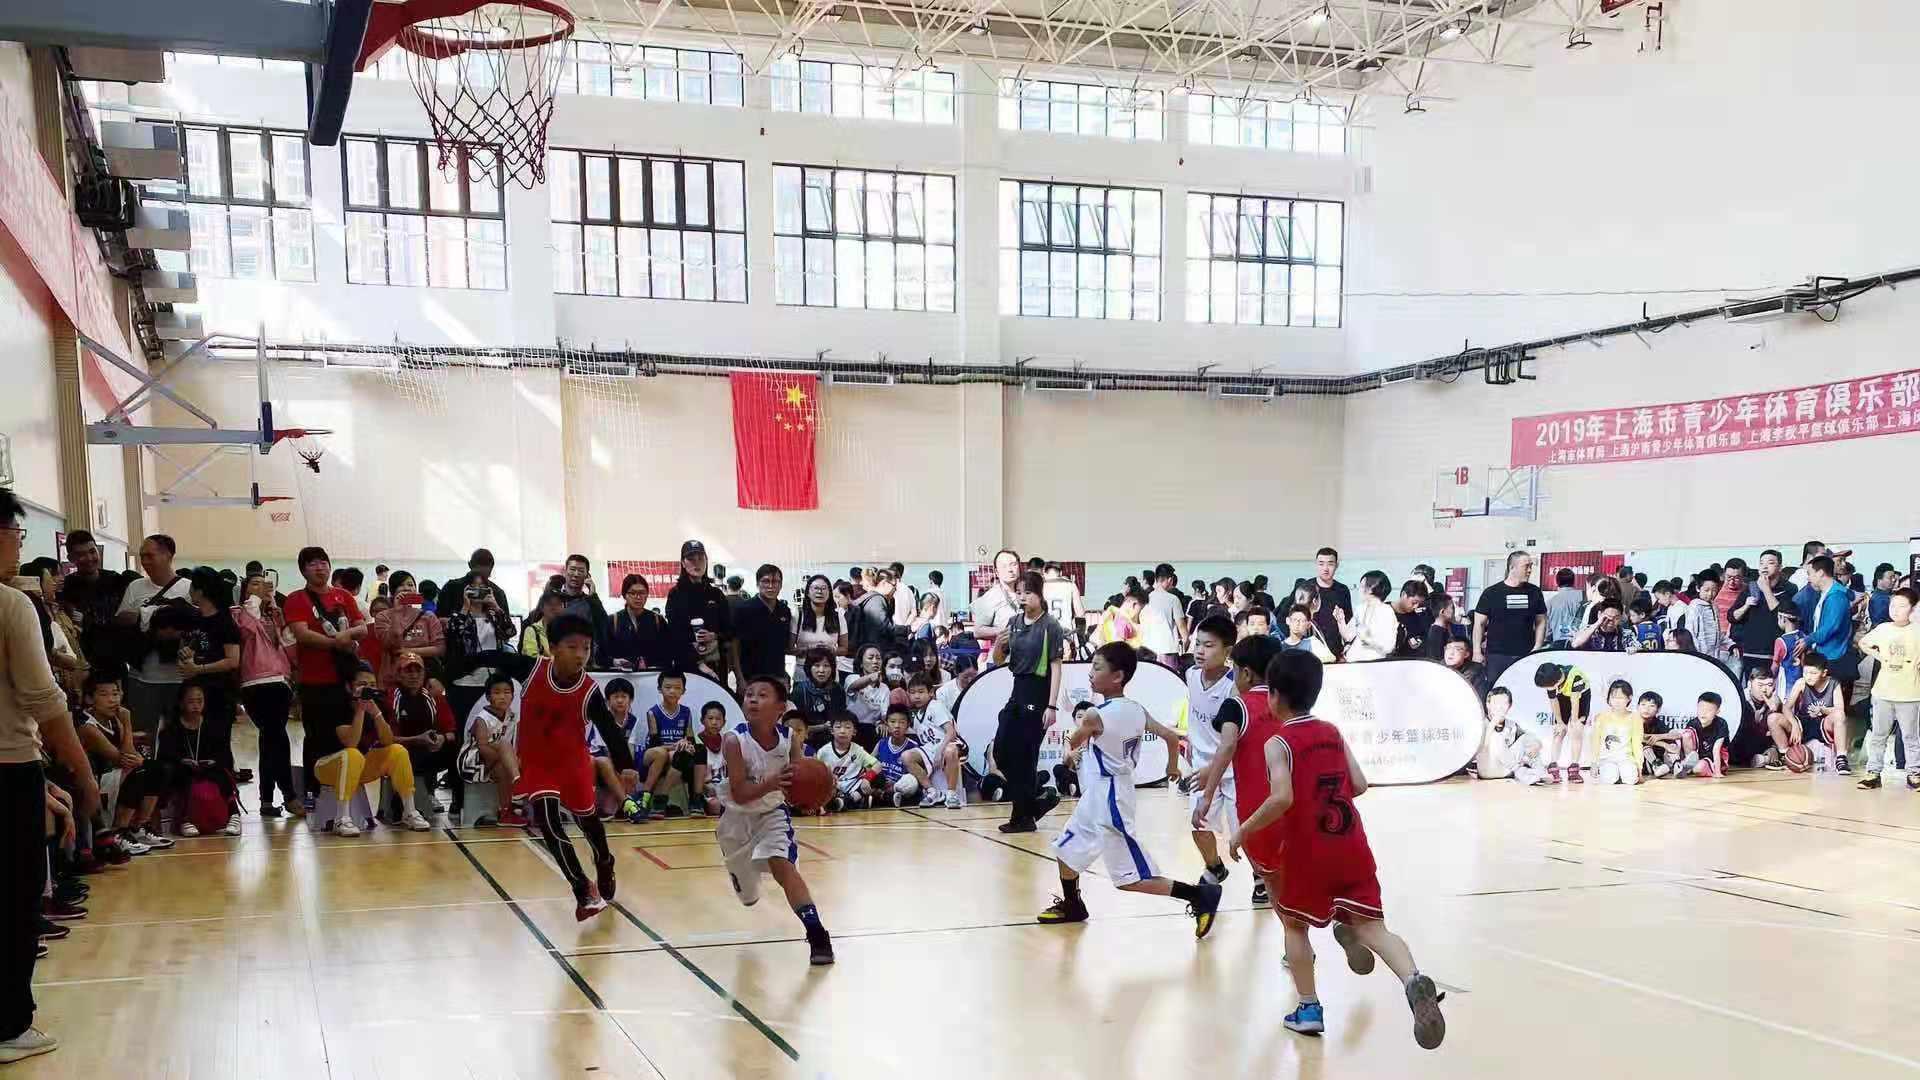 广纳篮球人才 共育篮球沃土——2019上海青少年体育俱乐部篮球联赛顺利落幕